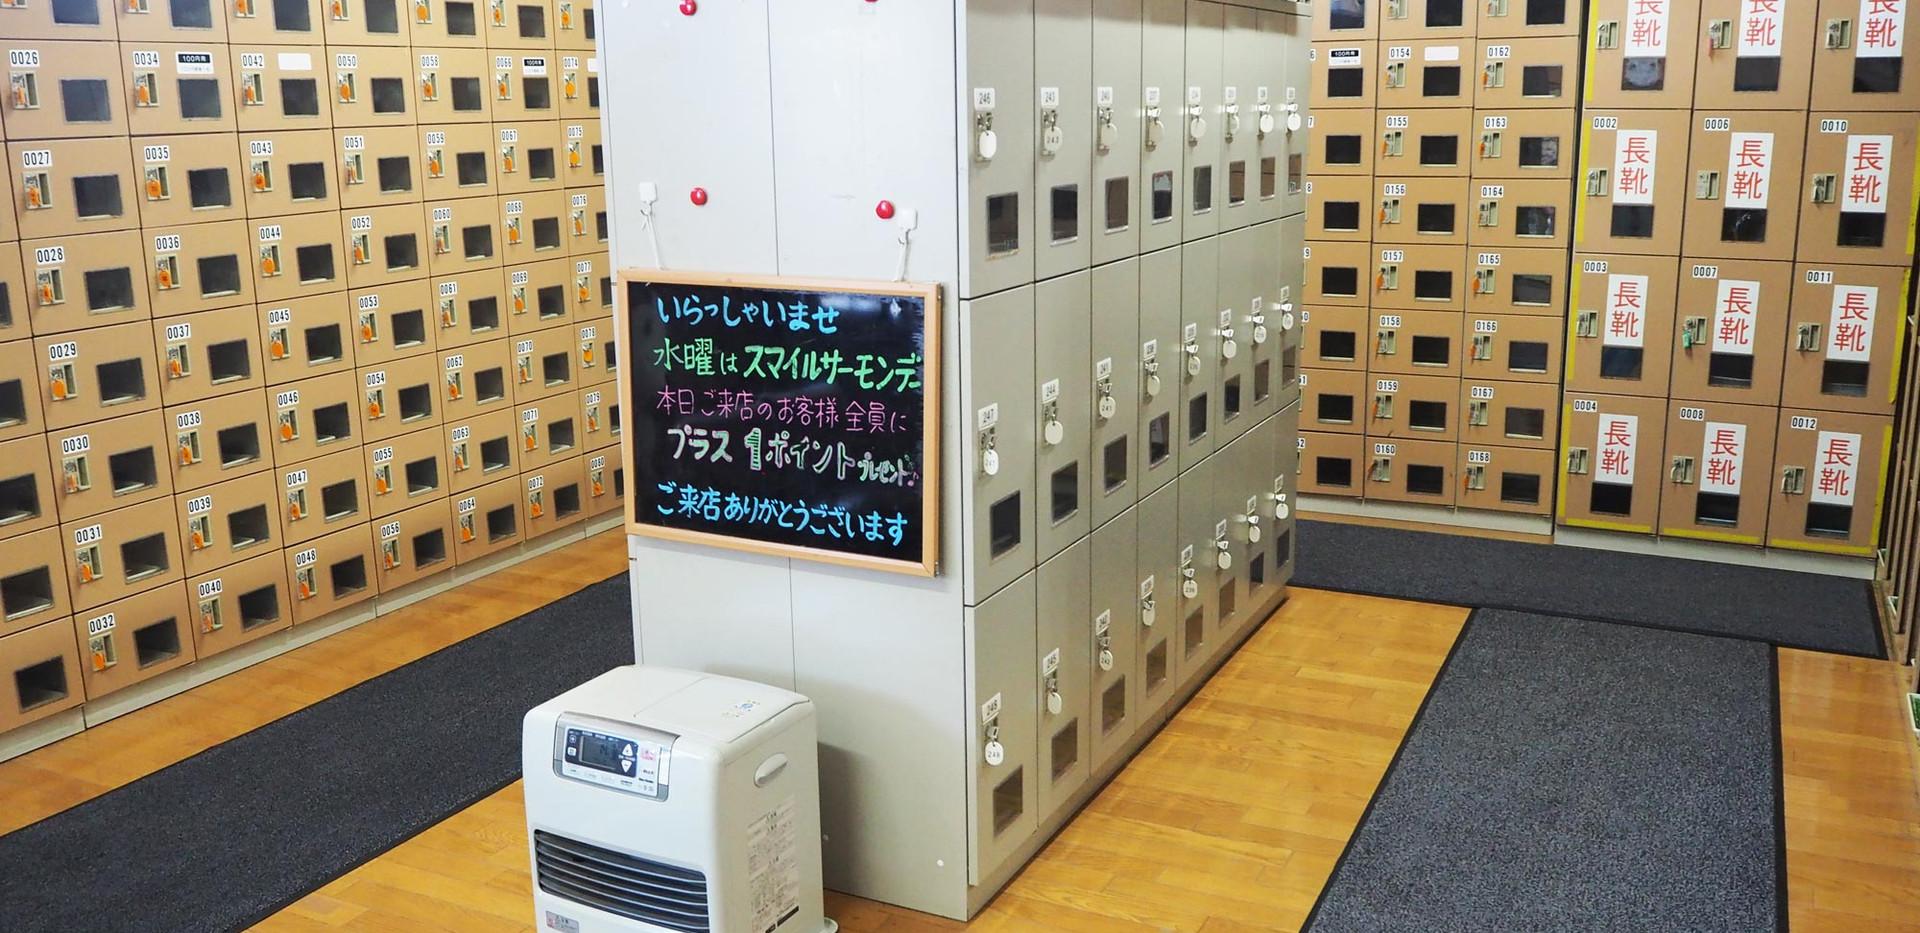 7_gesoku.jpg